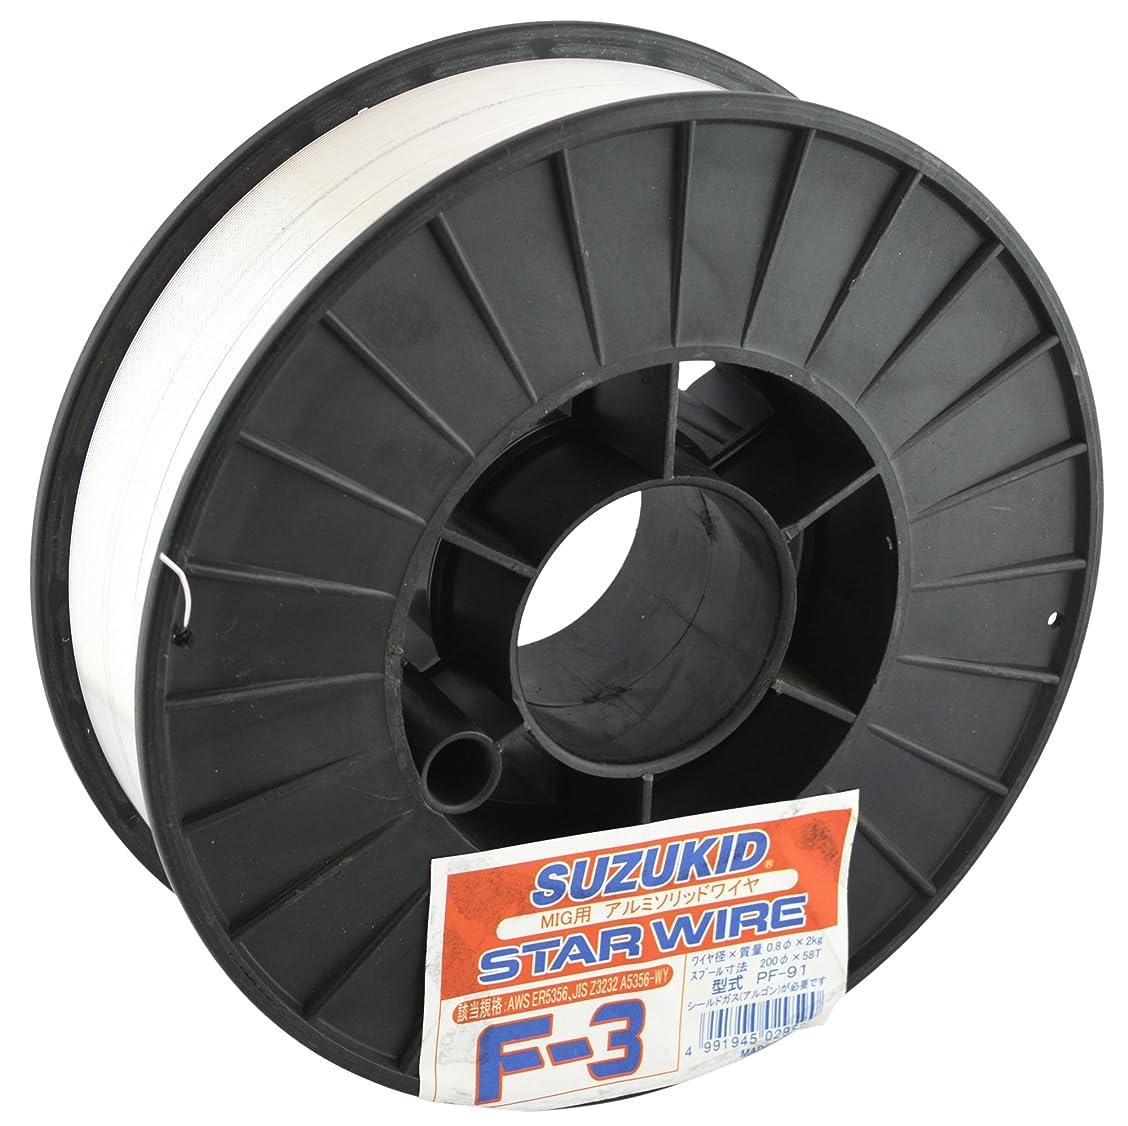 炎上ネイティブ犯罪スズキッド(SUZUKID) ソリッドアルミ0.8φ*2kg PF-91